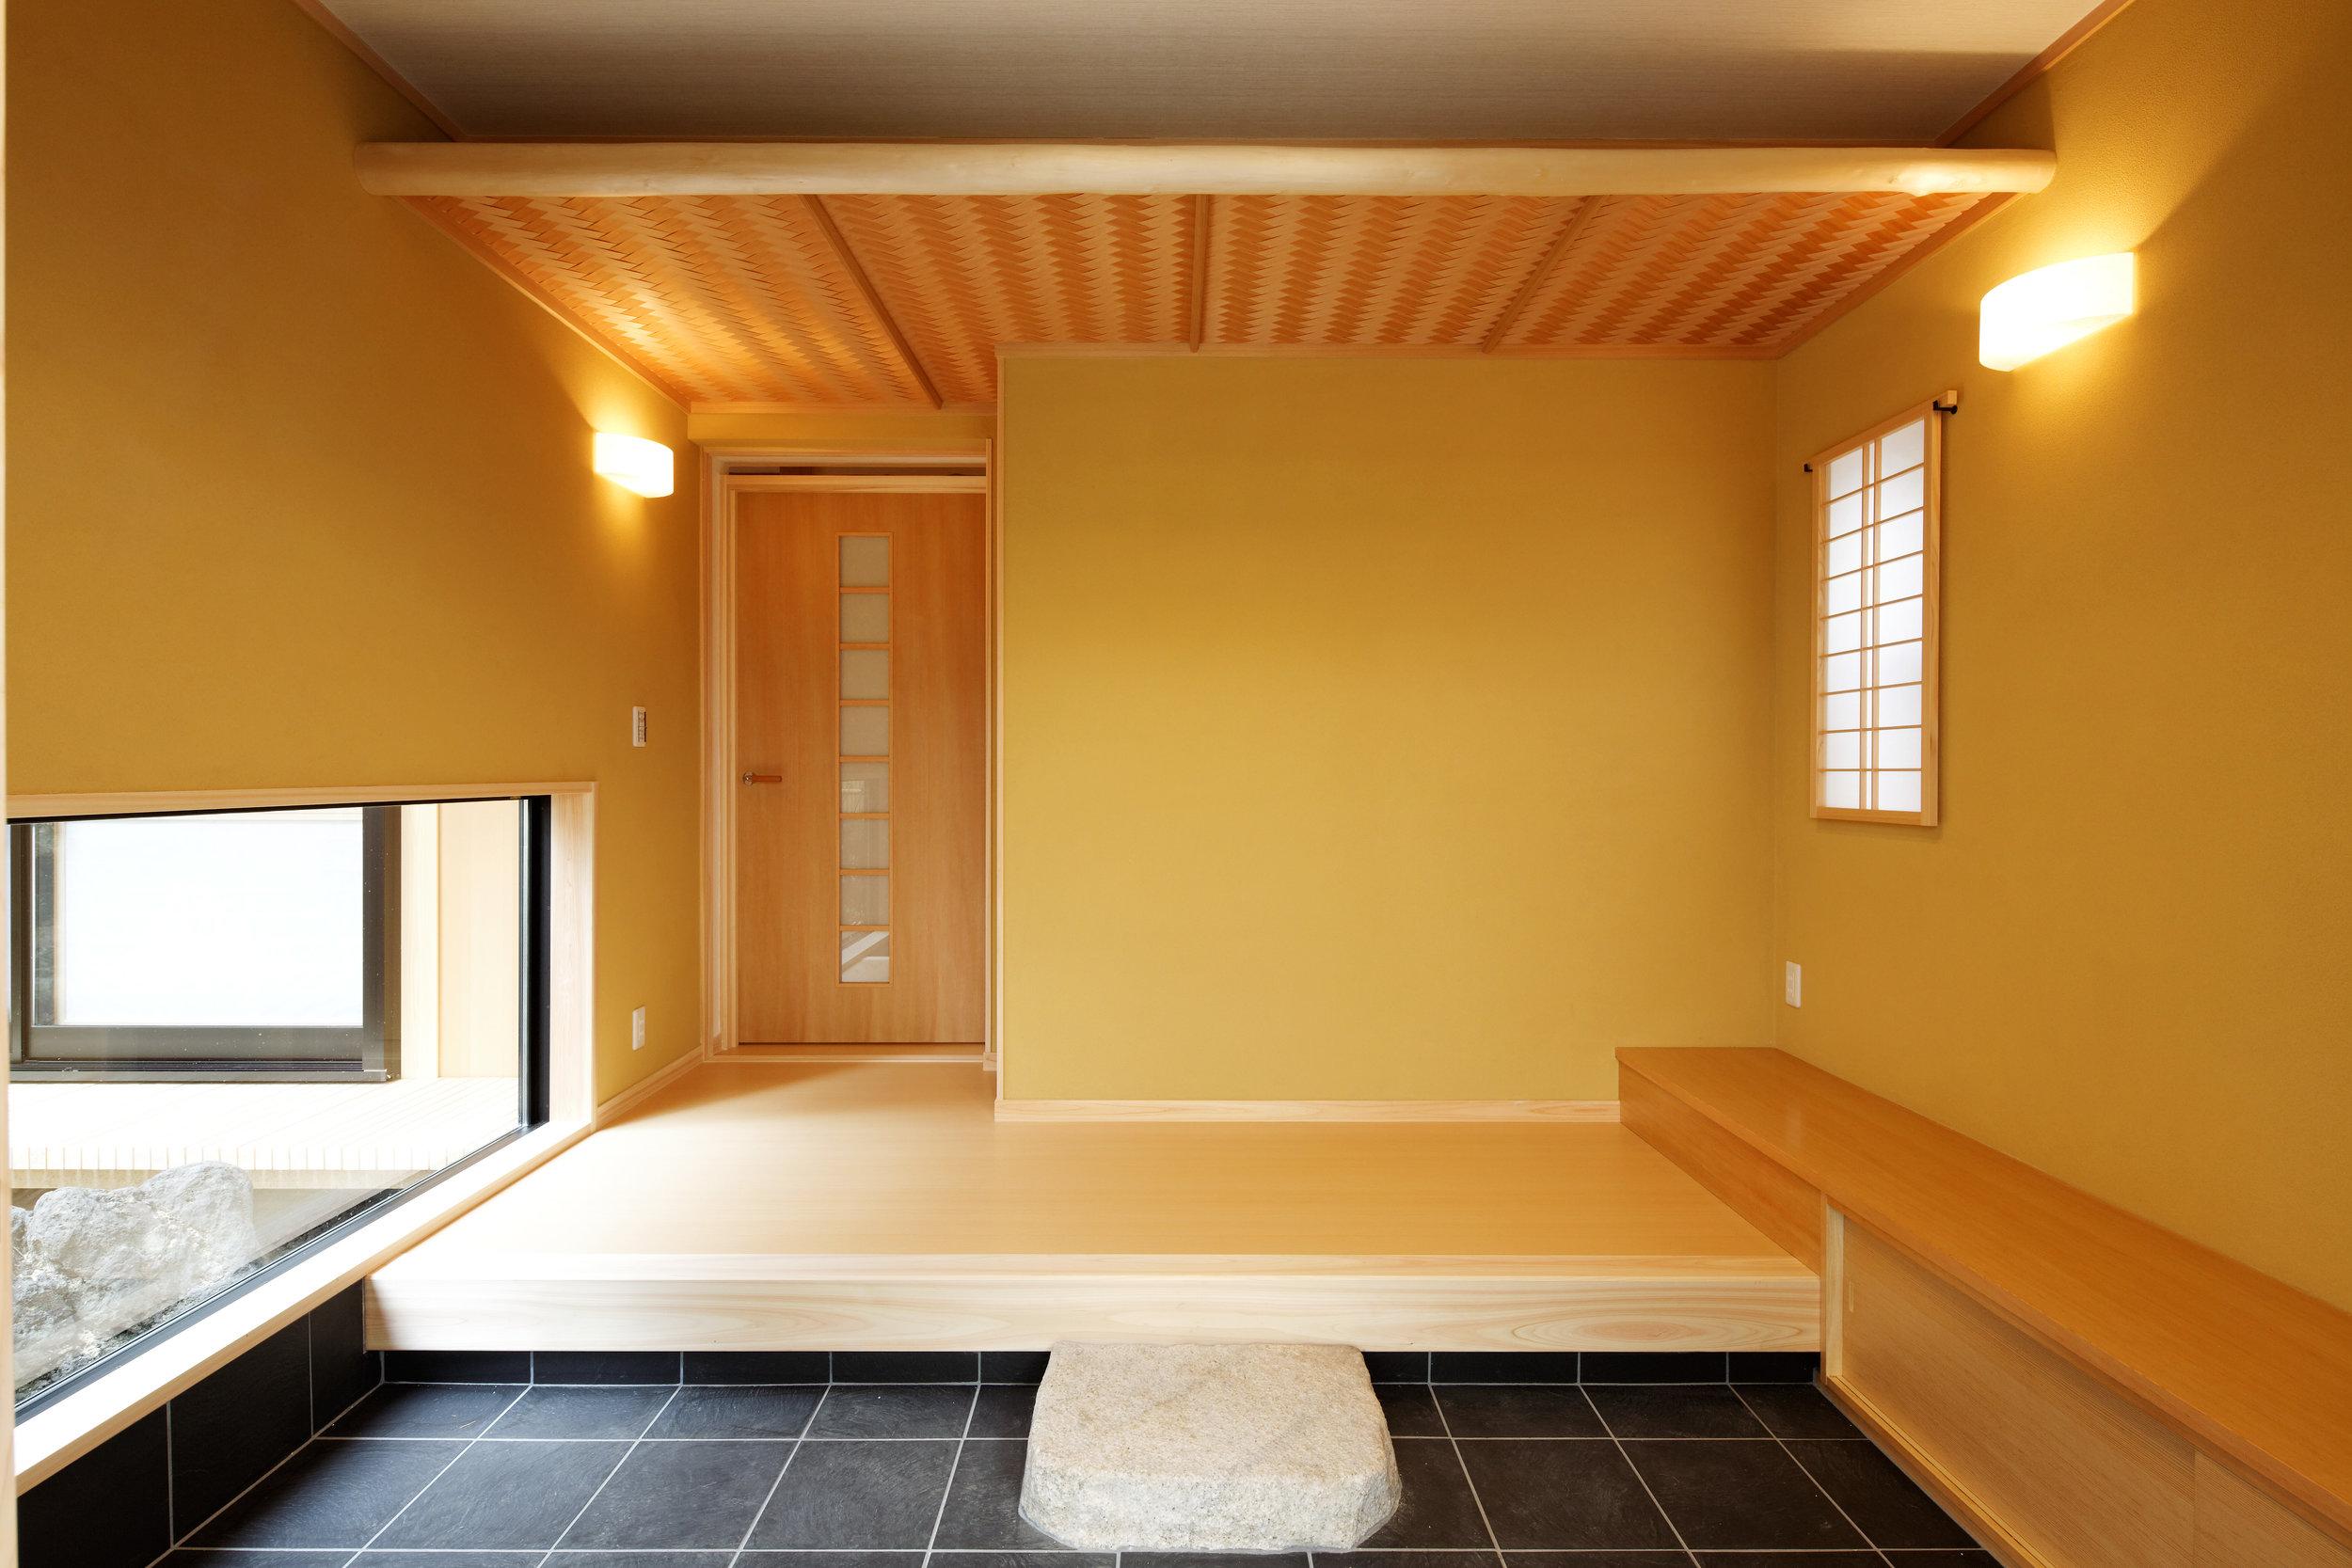 成正建装 愛知県 犬山市 新築 リフォーム 古民家再生 家づくり5.jpg